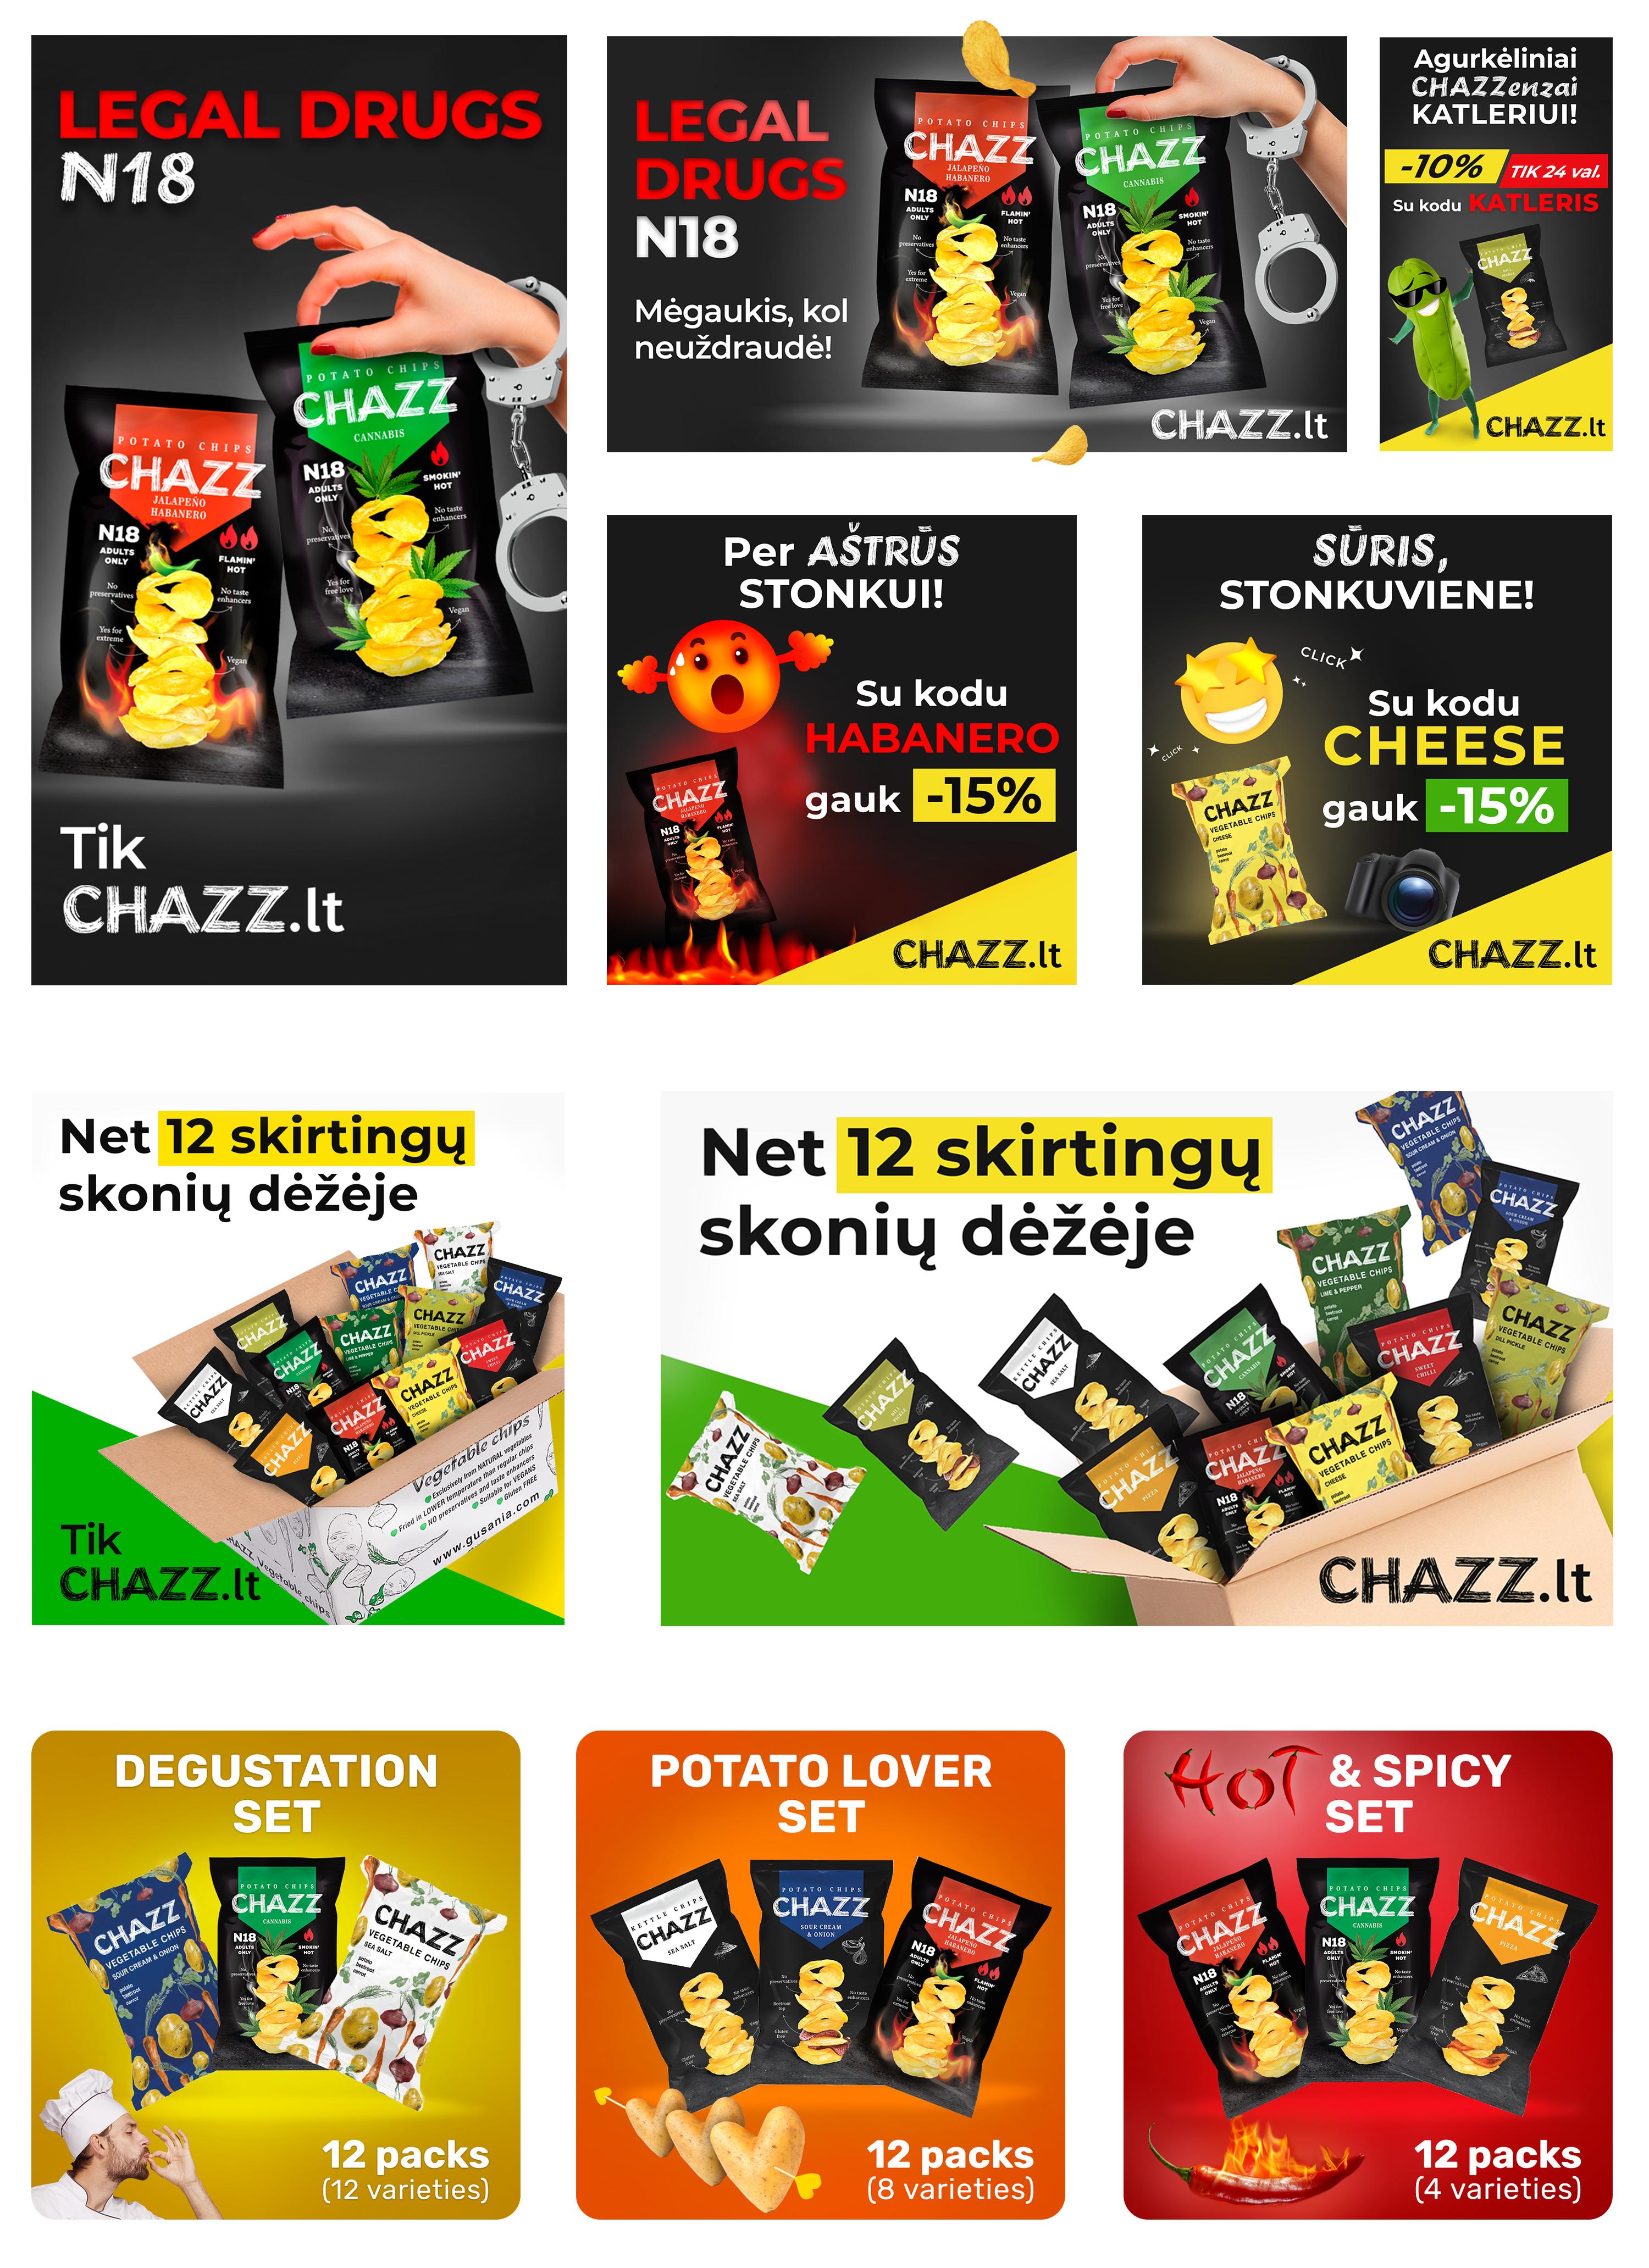 Reklaminiai Baneriai Chazz 2